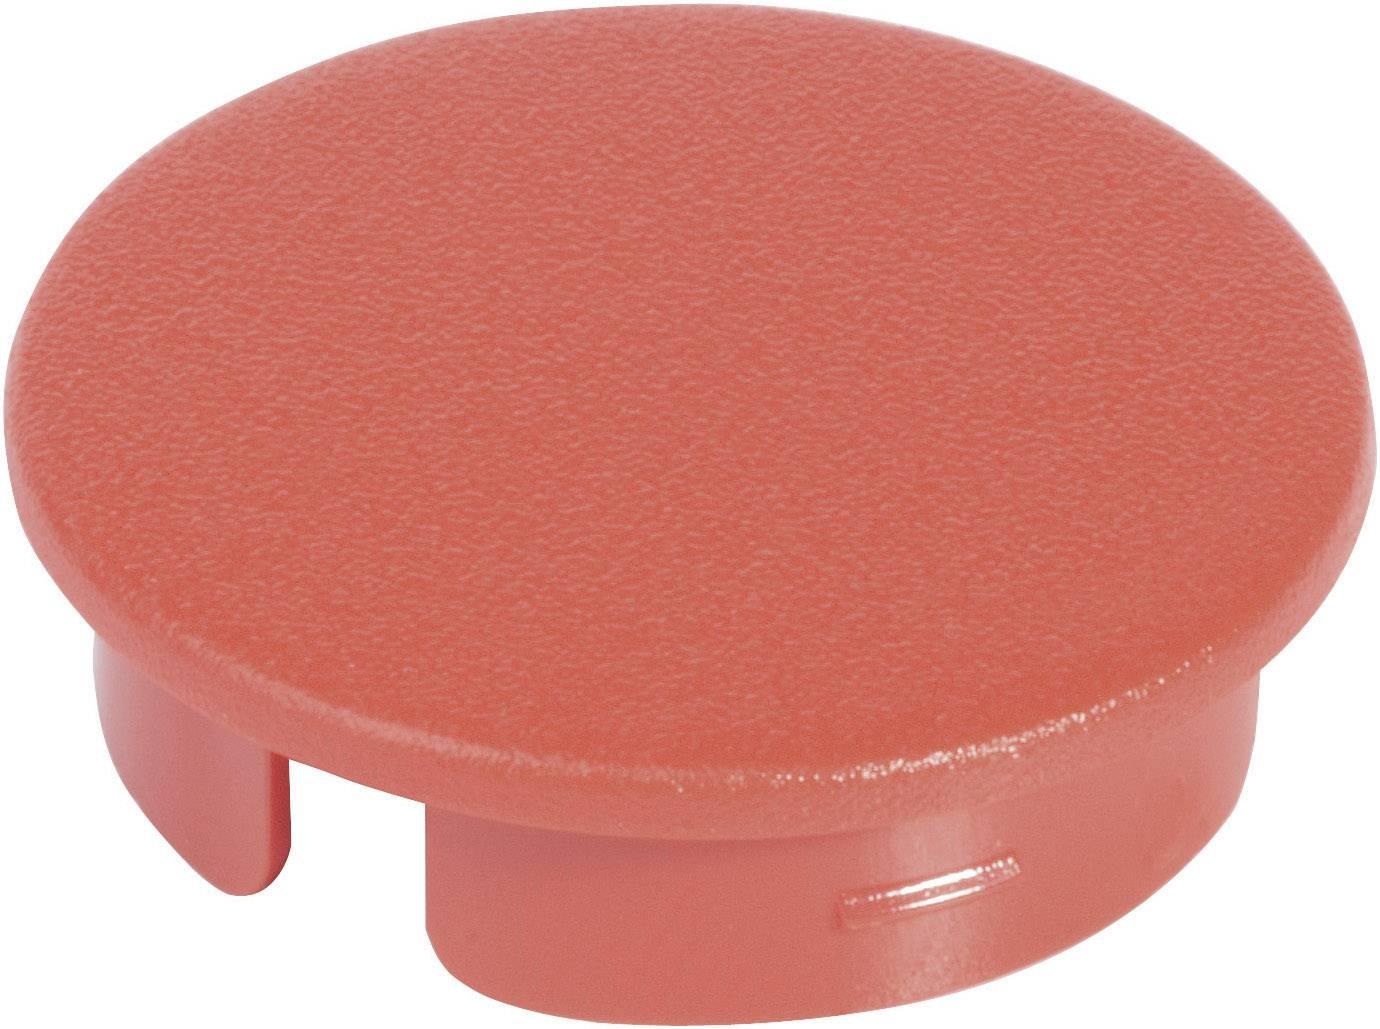 Krytka na otočný knoflík s ukazatelem OKW, pro knoflíky/O 16 mm, červená